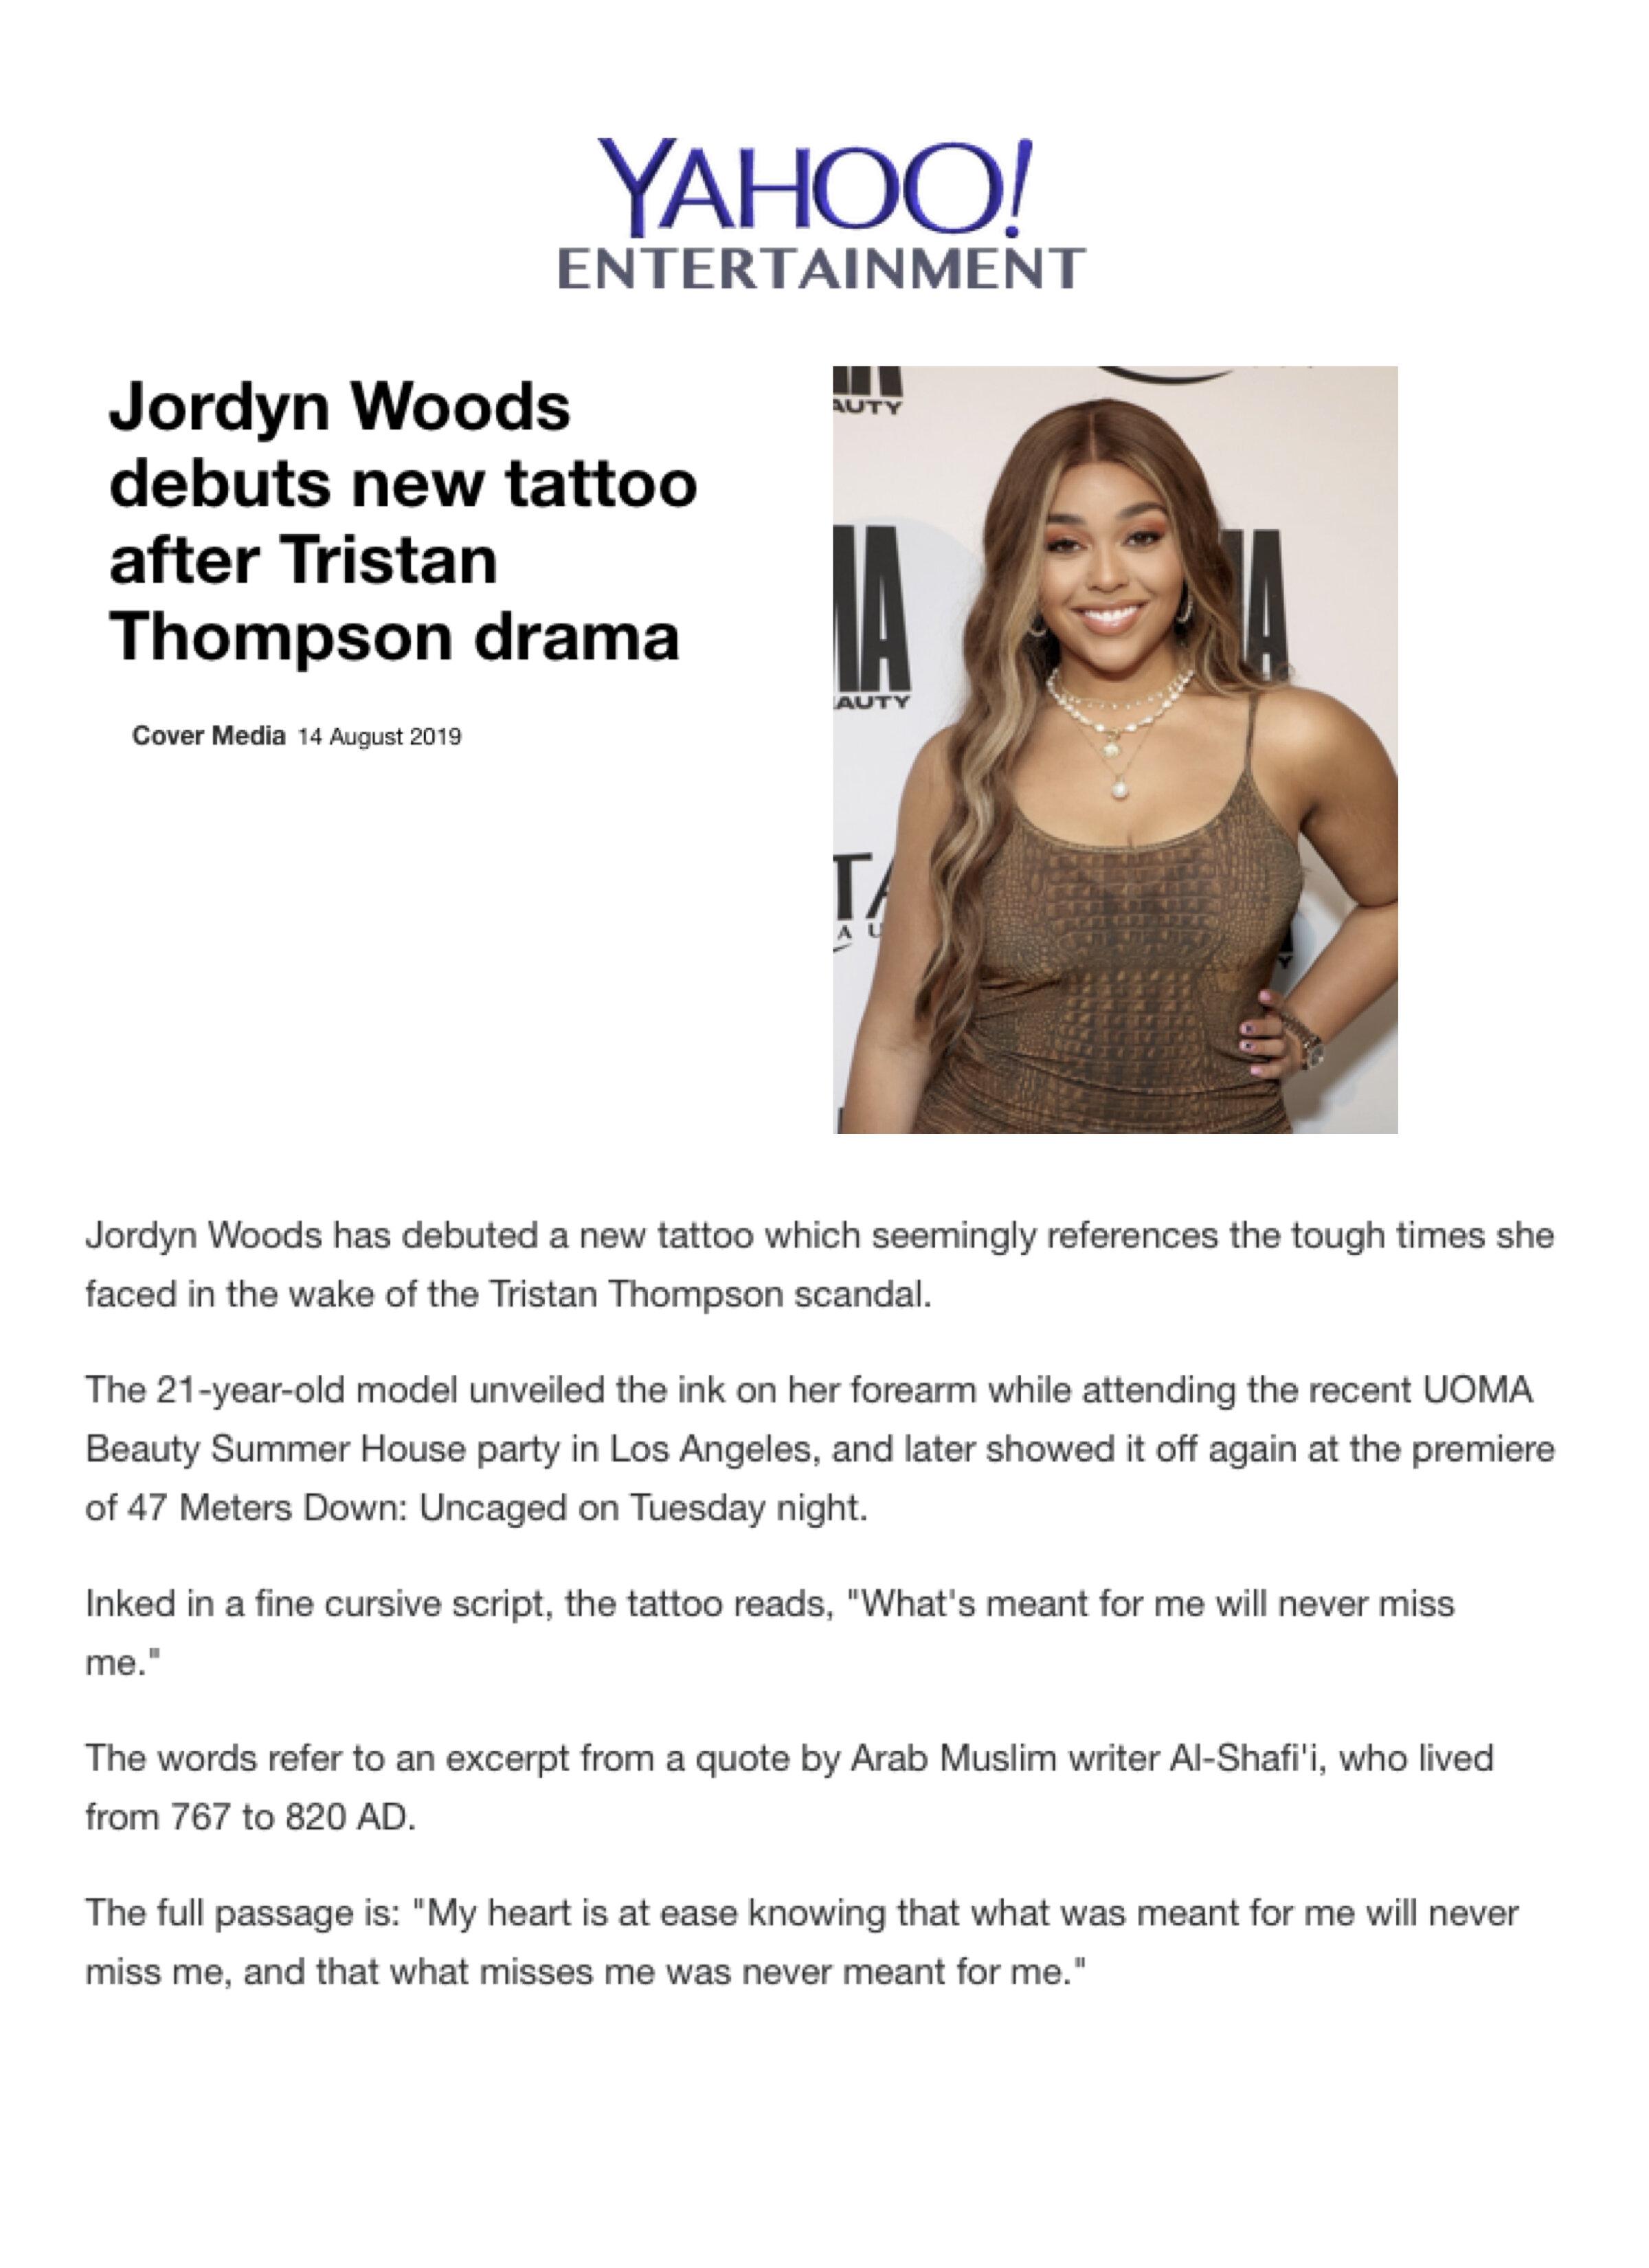 Yahoo Entertainment-Jordyn Woods UOMA BS.jpg